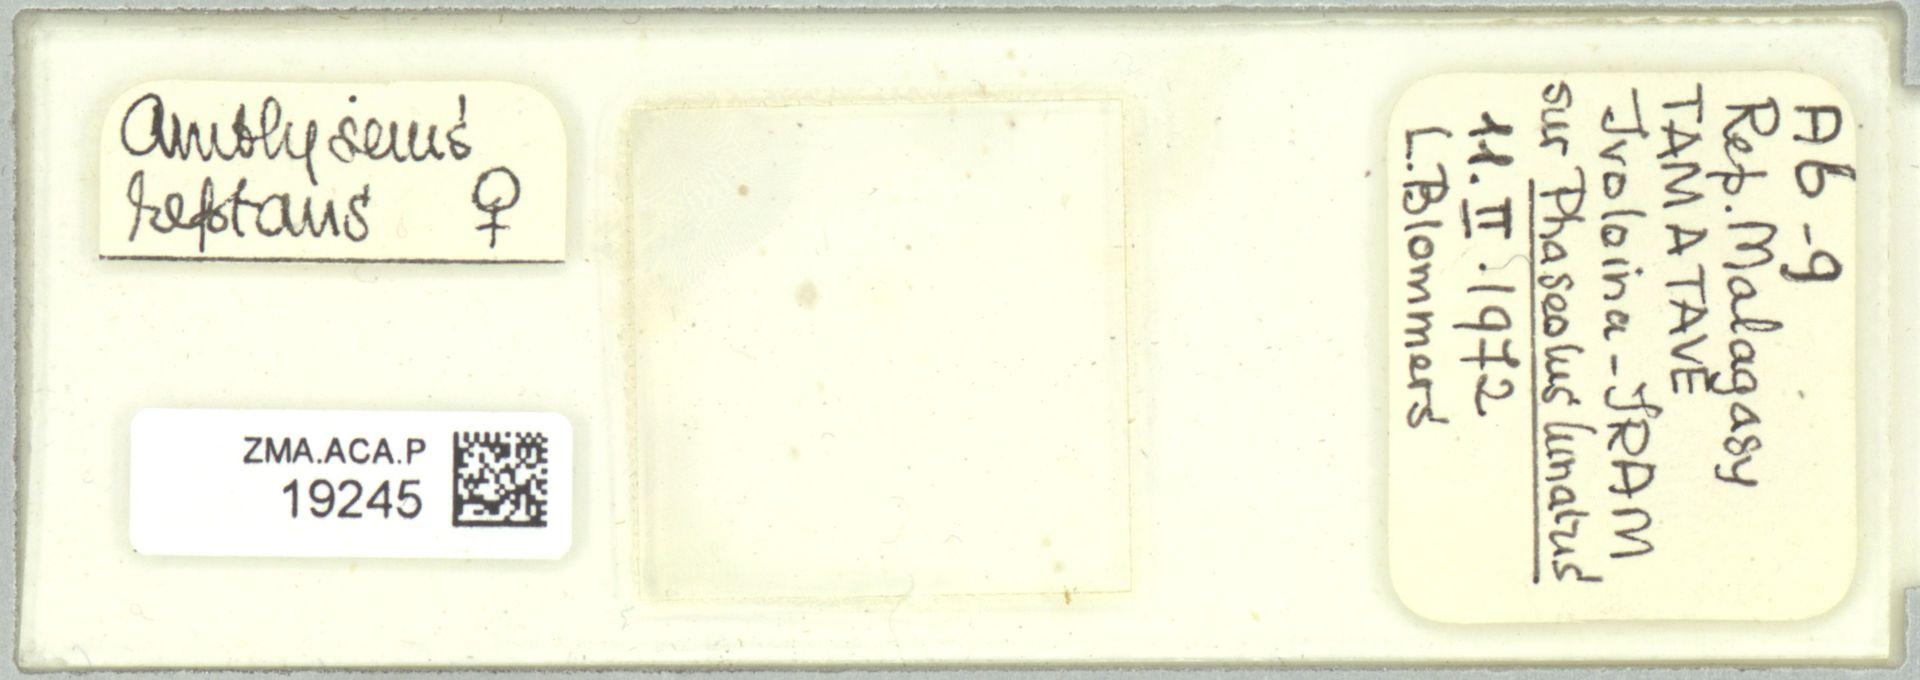 ZMA.ACA.P.19245   Scapulaseius reptans (Blommers, 1974)